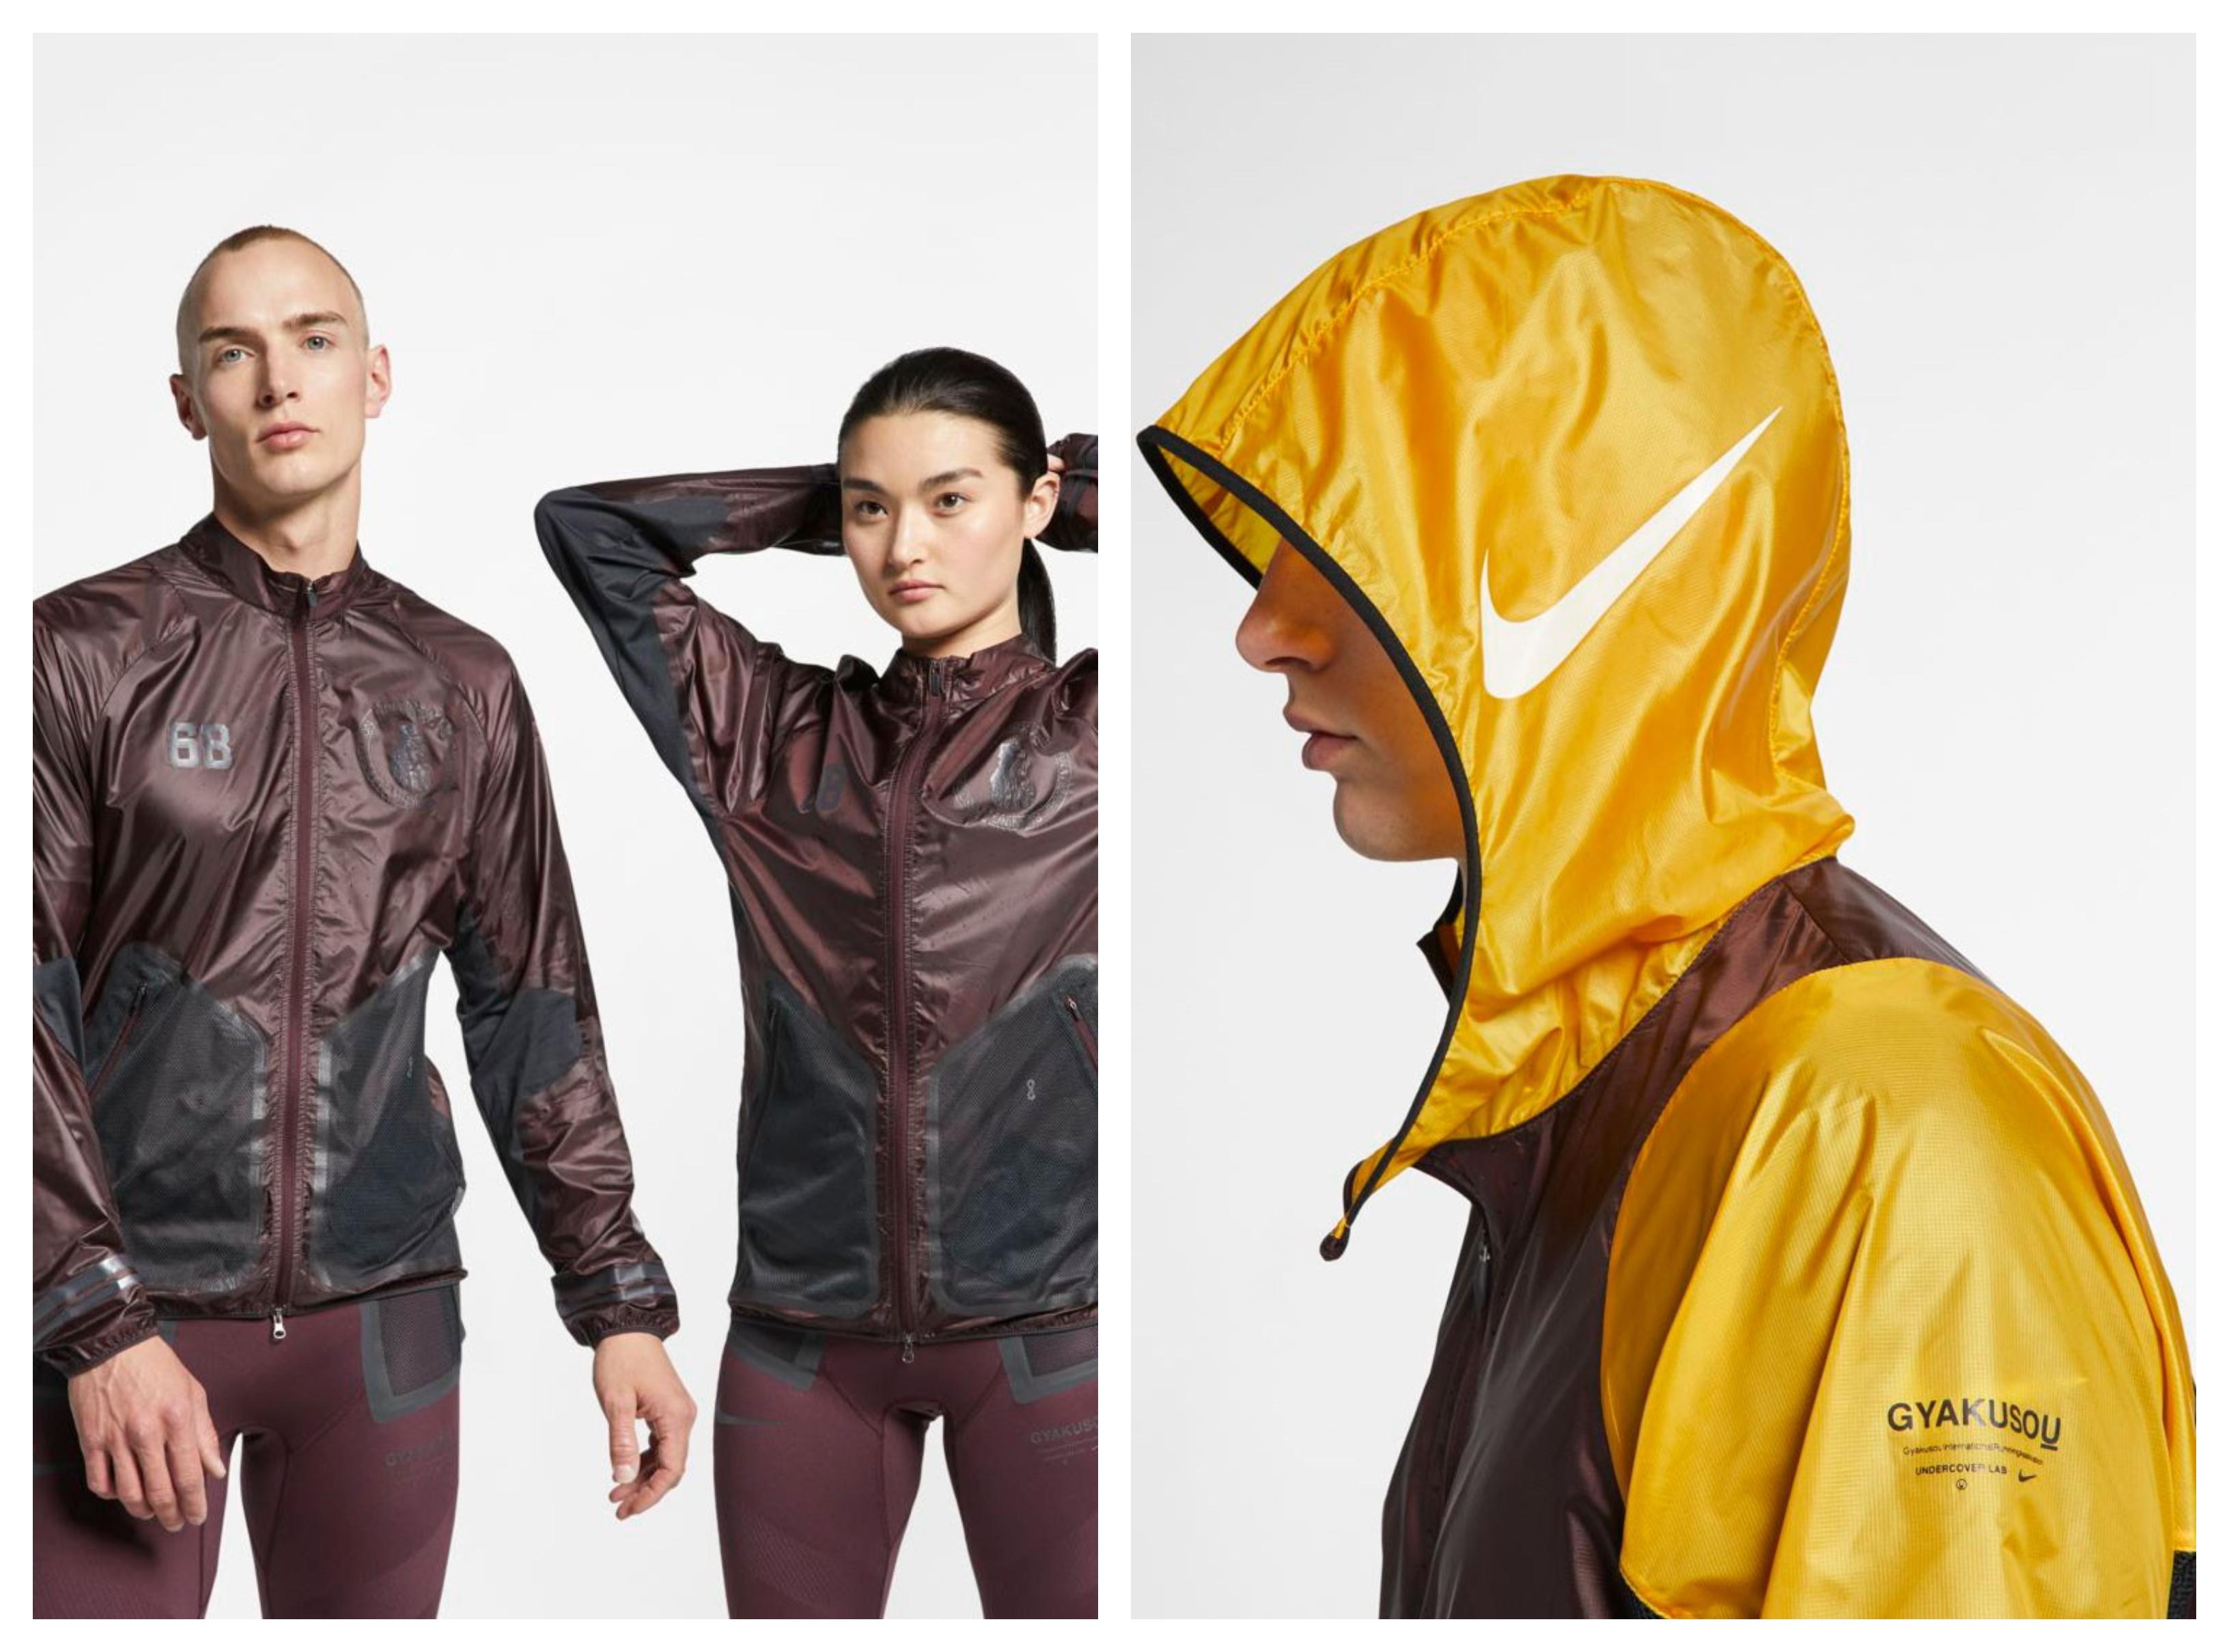 Cận cảnh bộ sưu tập GYAKUSOU do Nike và UNDERCOVER chung tay thiết kế